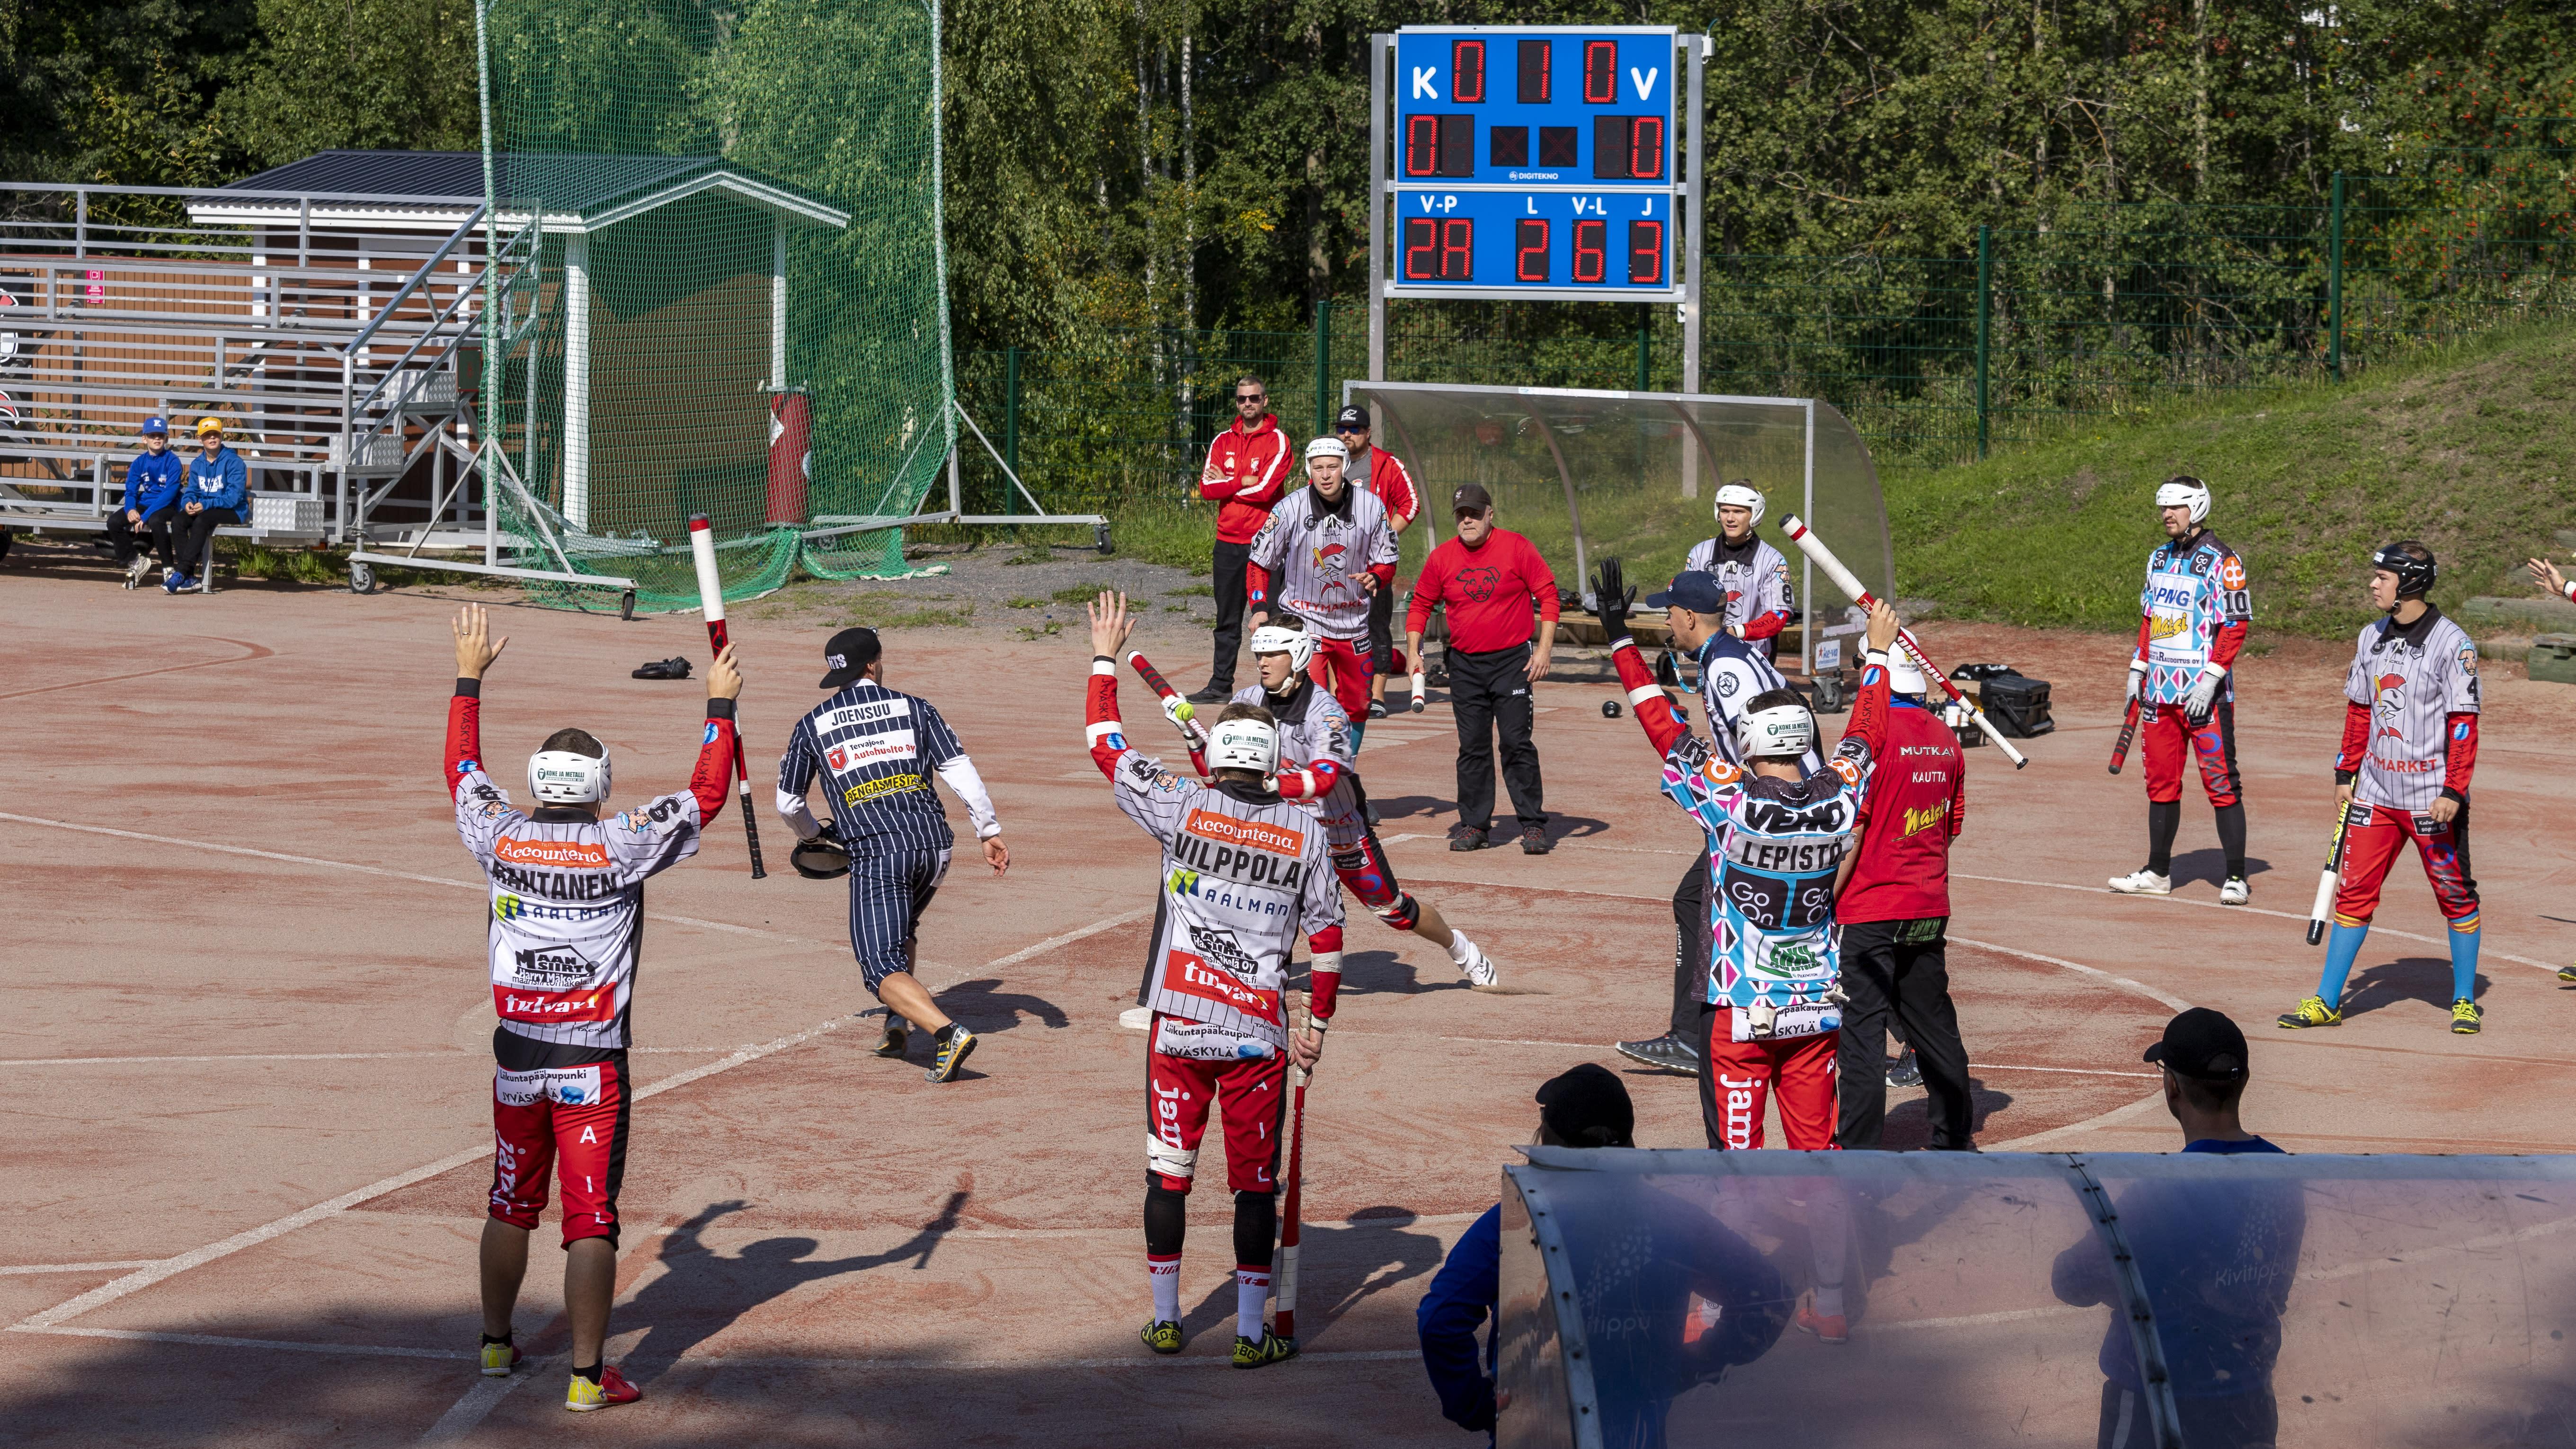 Jyväskylän Lohi pelaamassa sisävuoroa aina aurinkoisella Koskenharjun kentällä